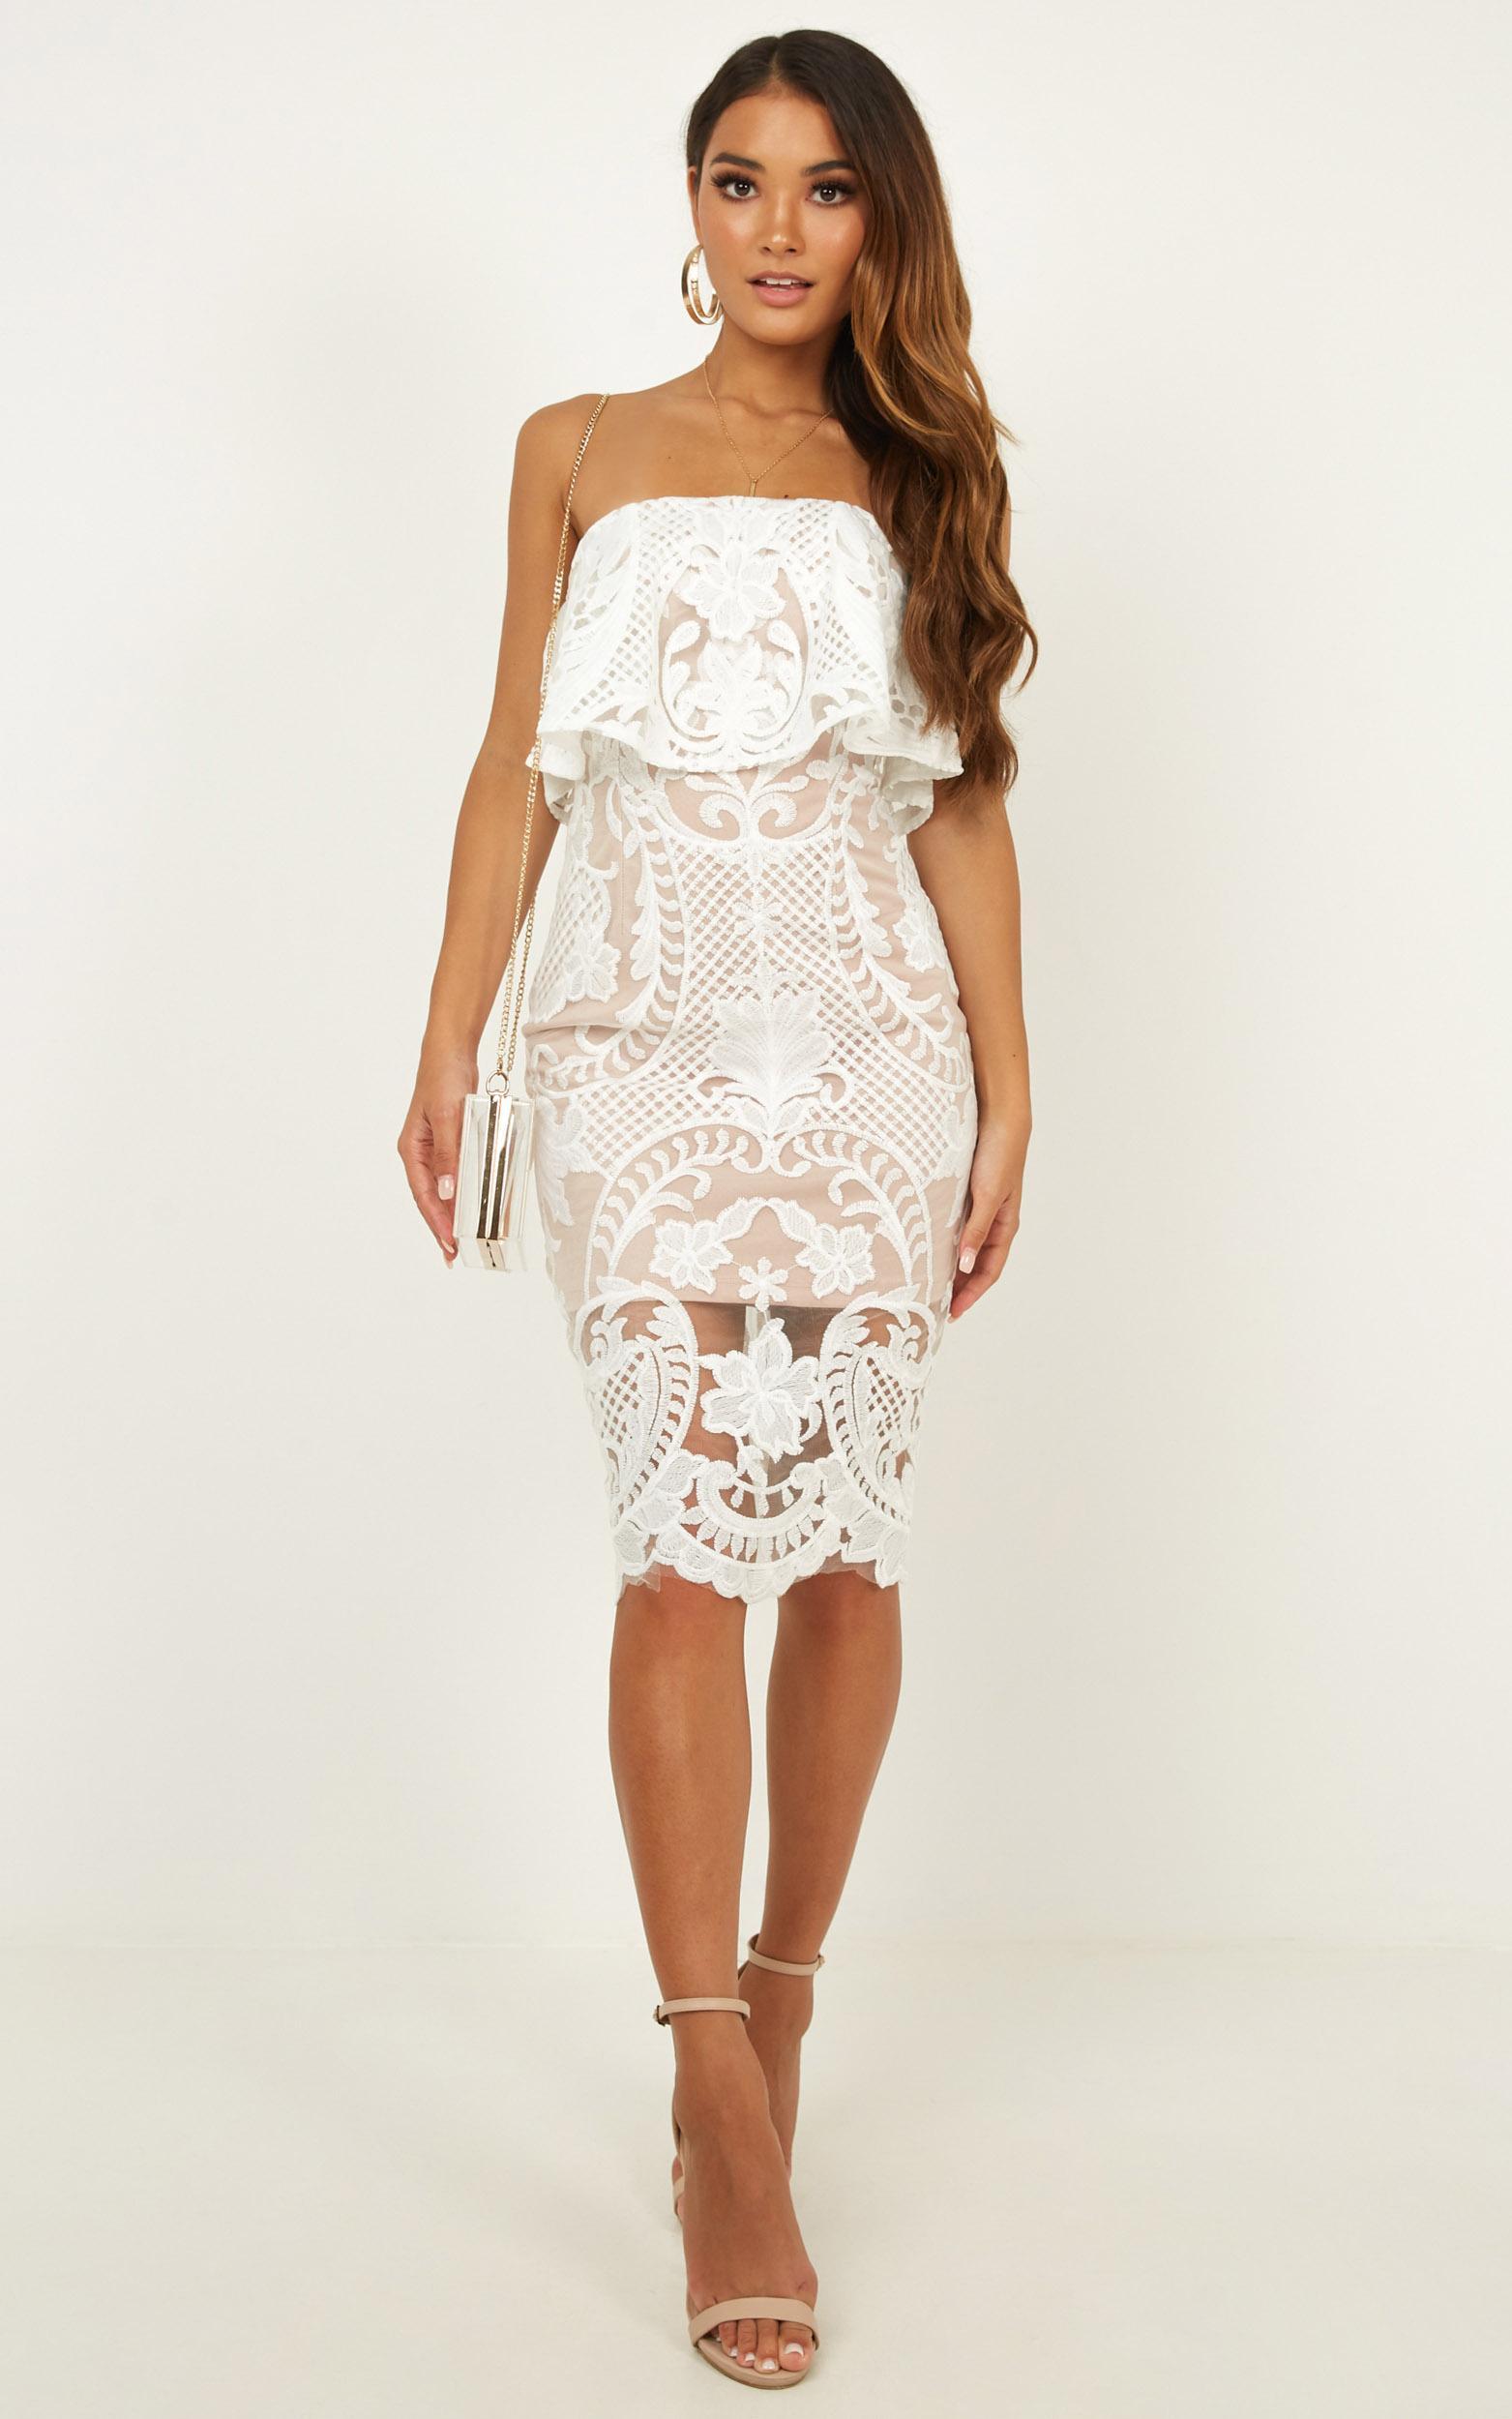 Senorita dress in white lace - 14 (XL), White, hi-res image number null